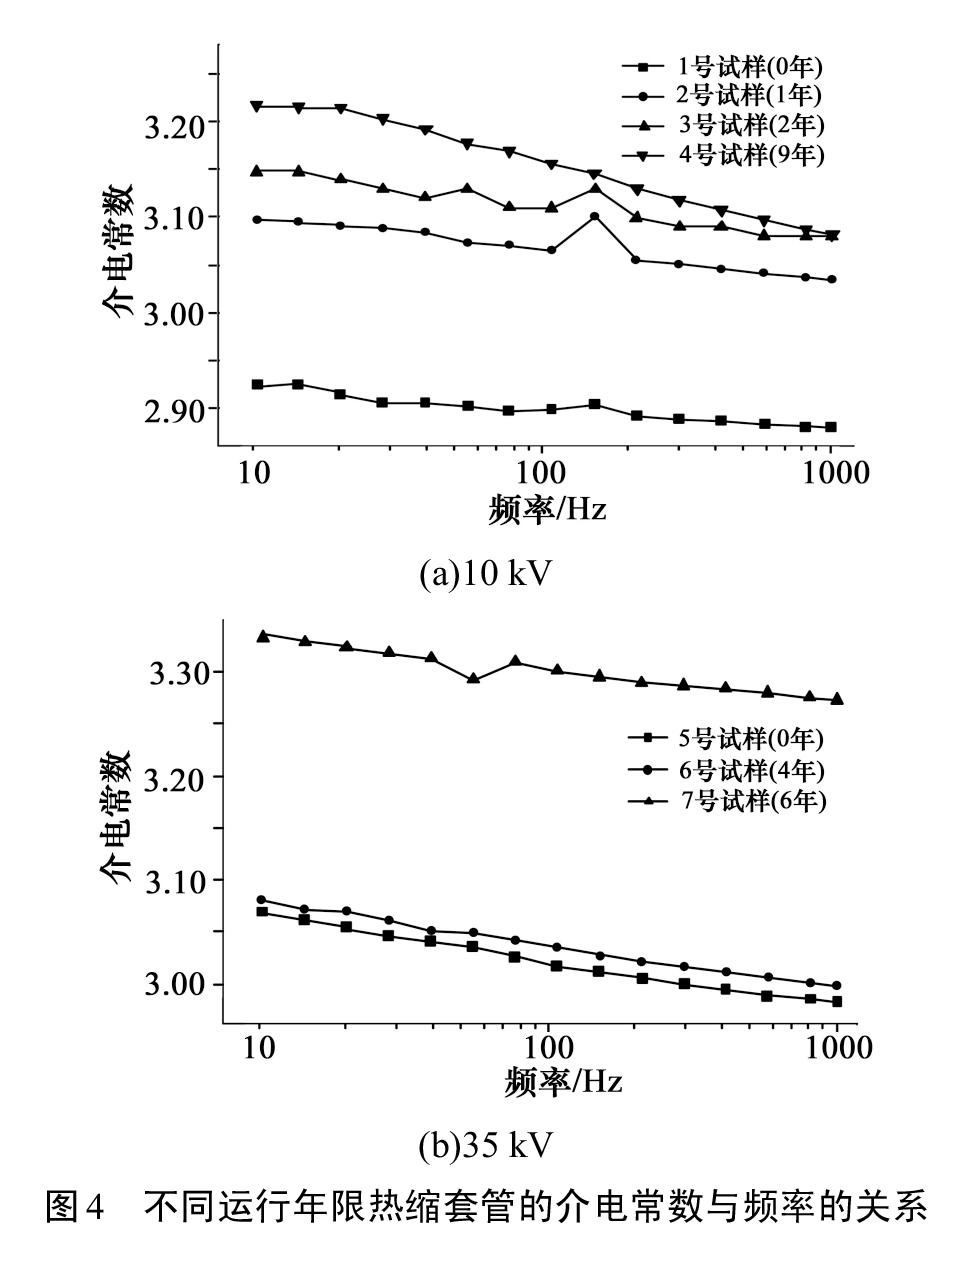 图4-不同运行年限热缩套管的介电常数与频率的关系